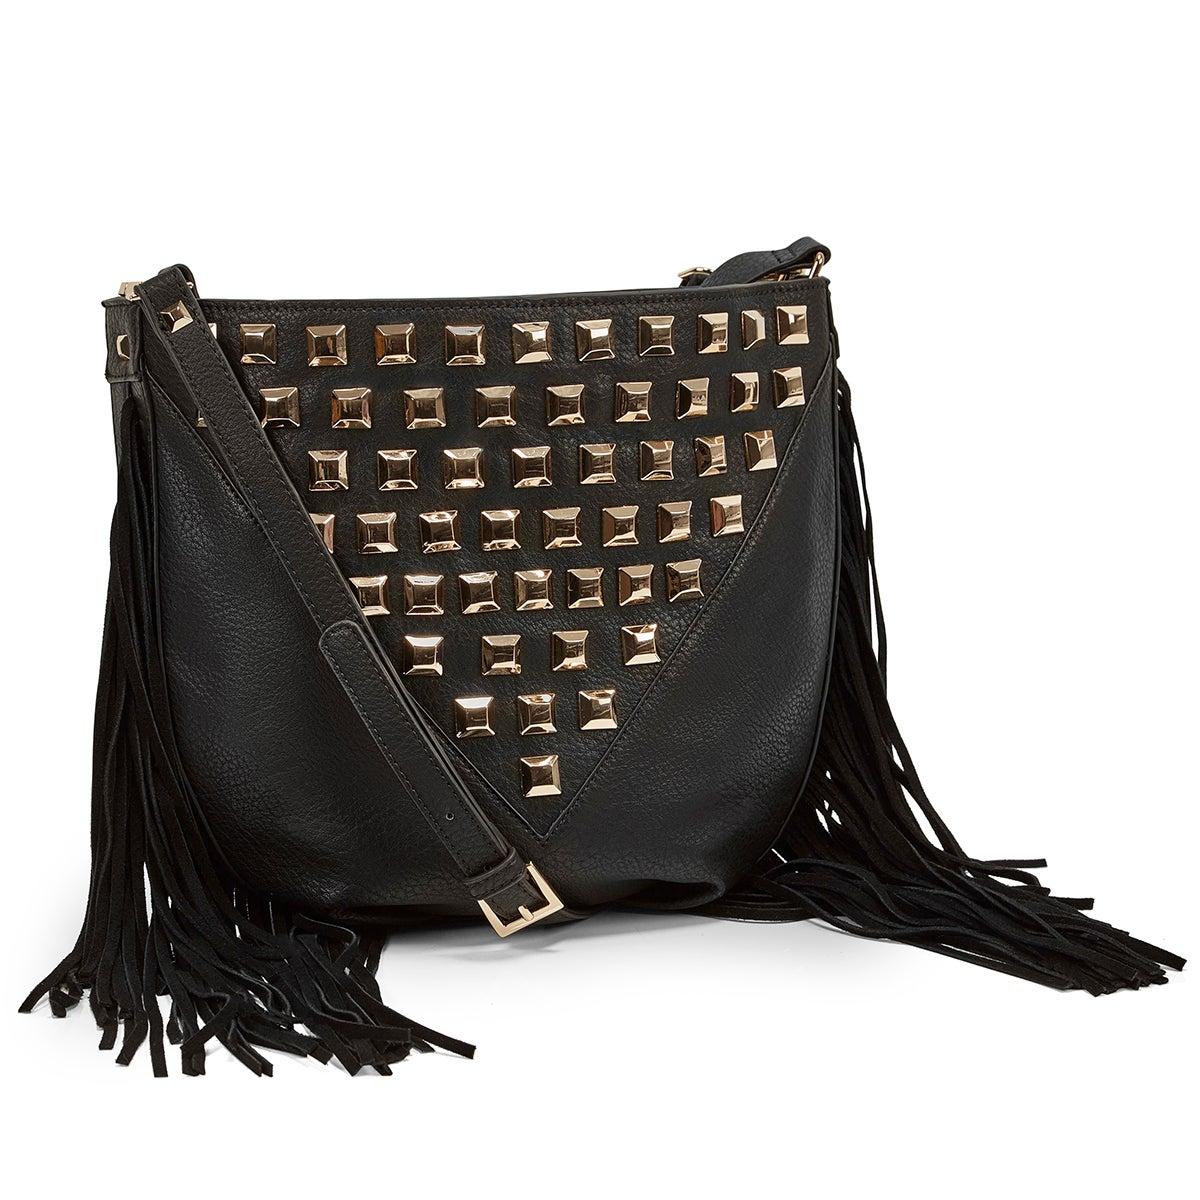 Women's BLIBRA black tassel hobo bag